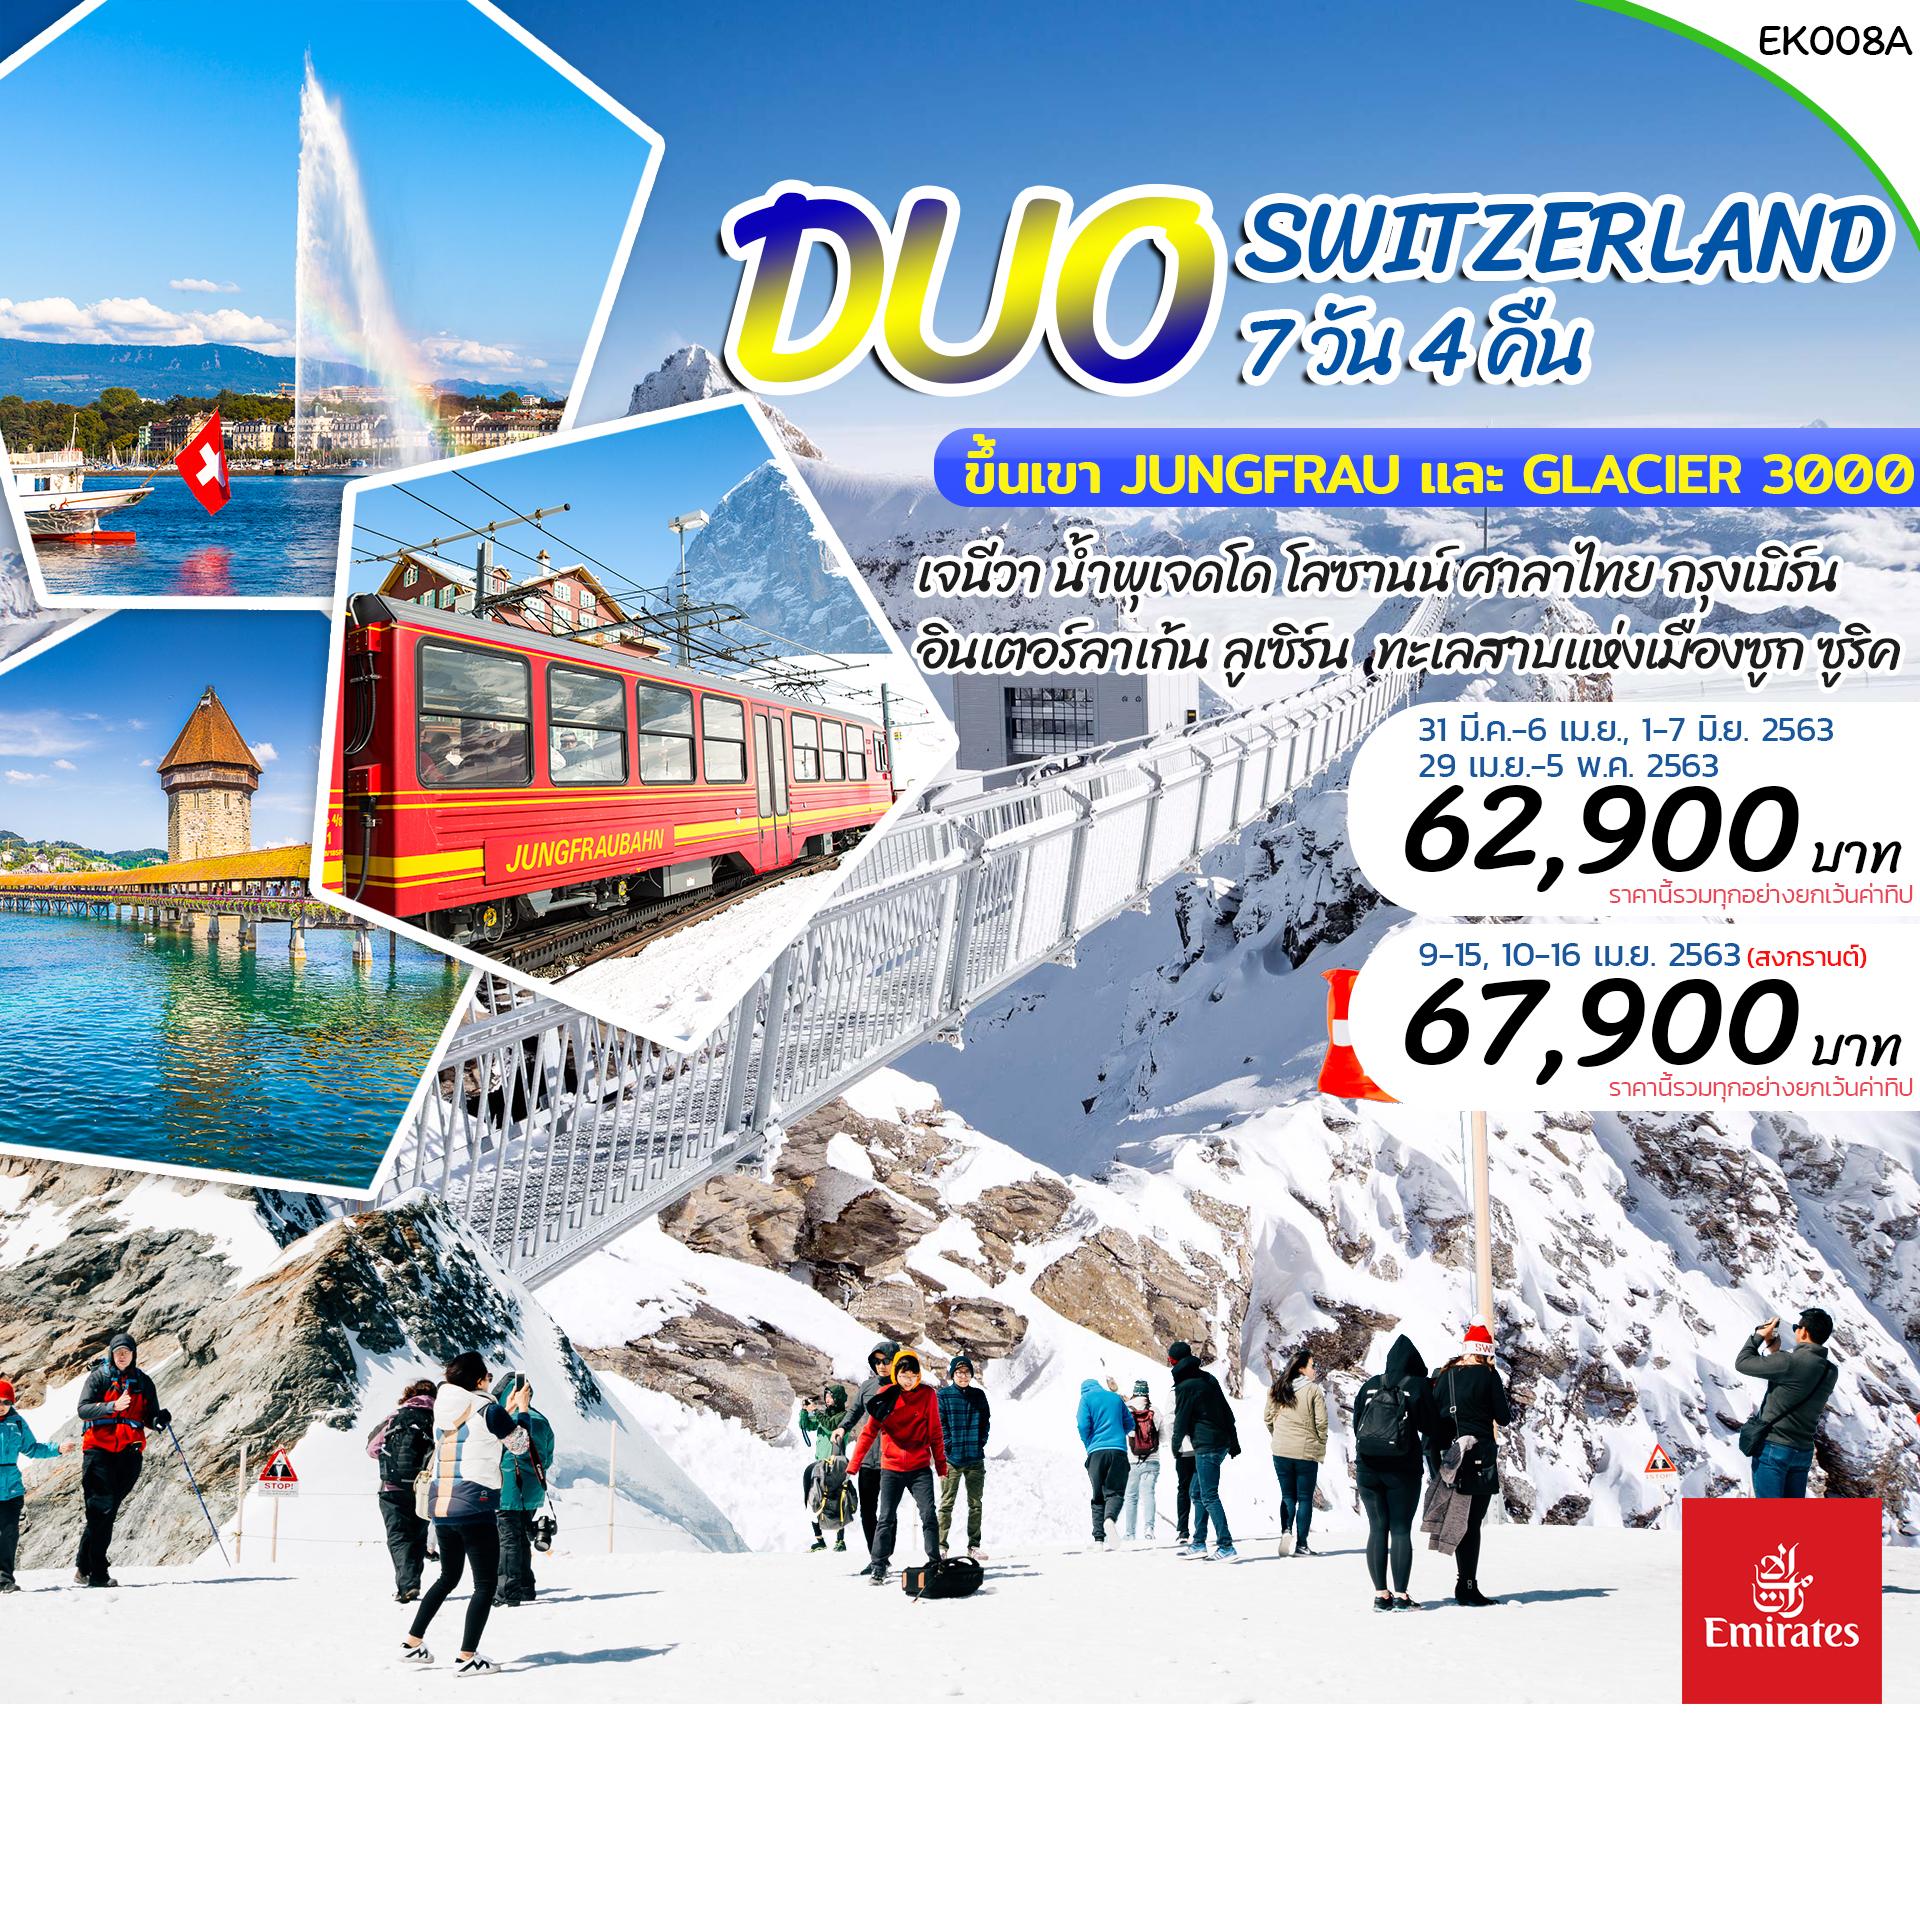 ทัวร์ยุโรป-Duo-Swiss-Jungfrau-Glacier3000-7วัน-4คืน-(MAR-JUN20)(EK008A)